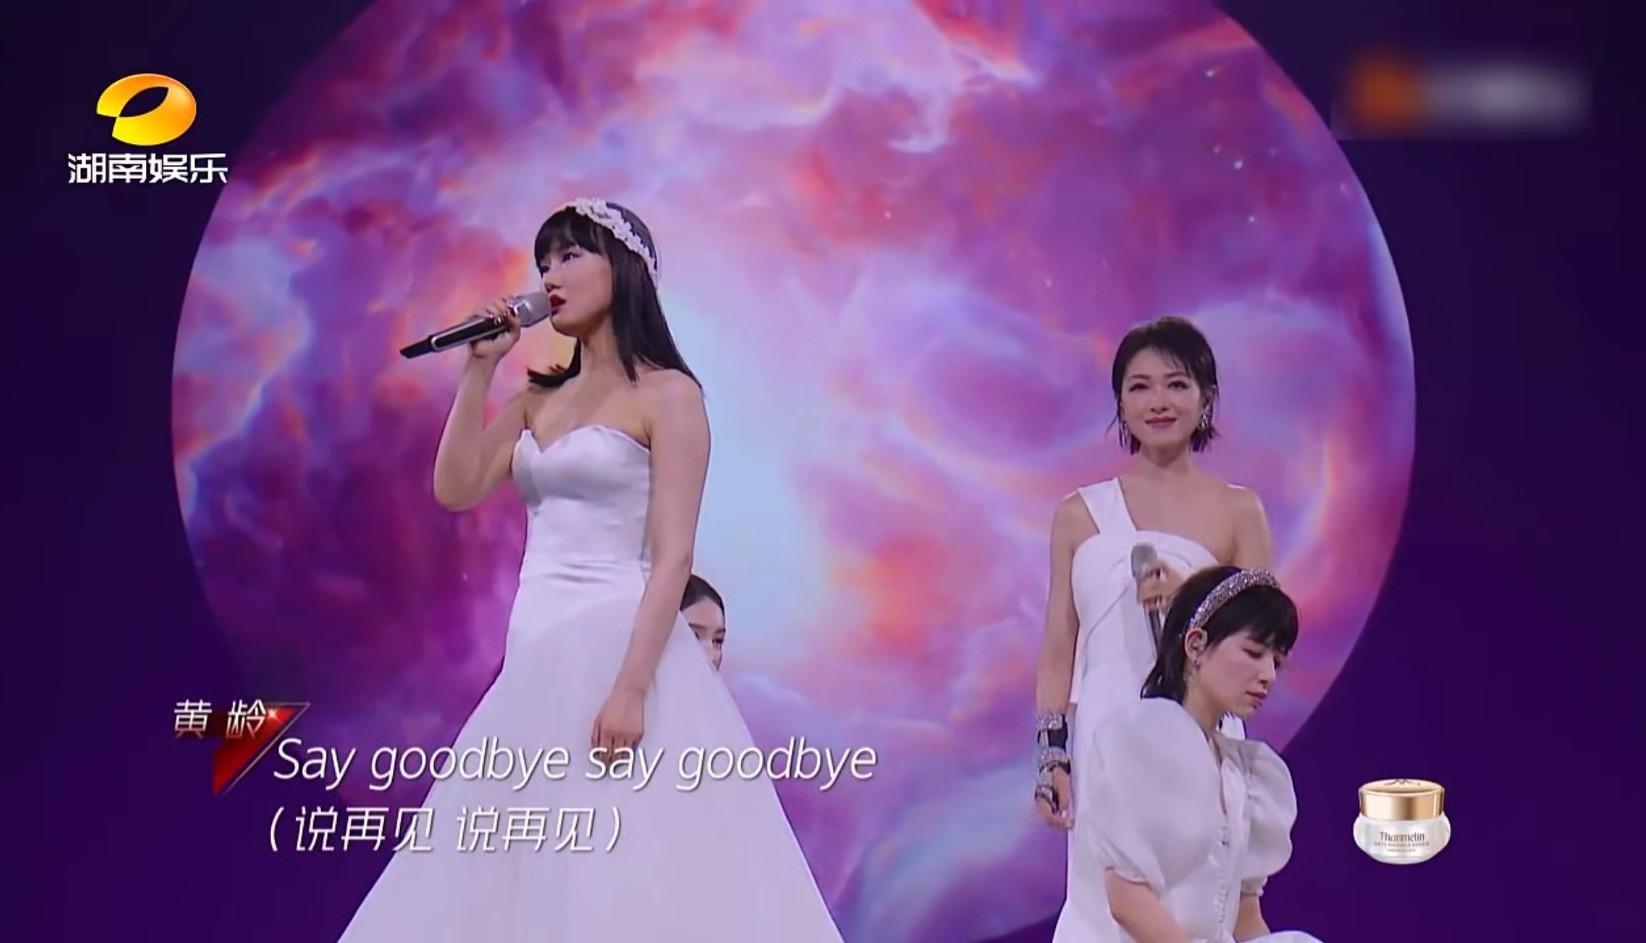 乘风破浪的姐姐们穿婚纱嫁给舞台,全员演唱《我期待》